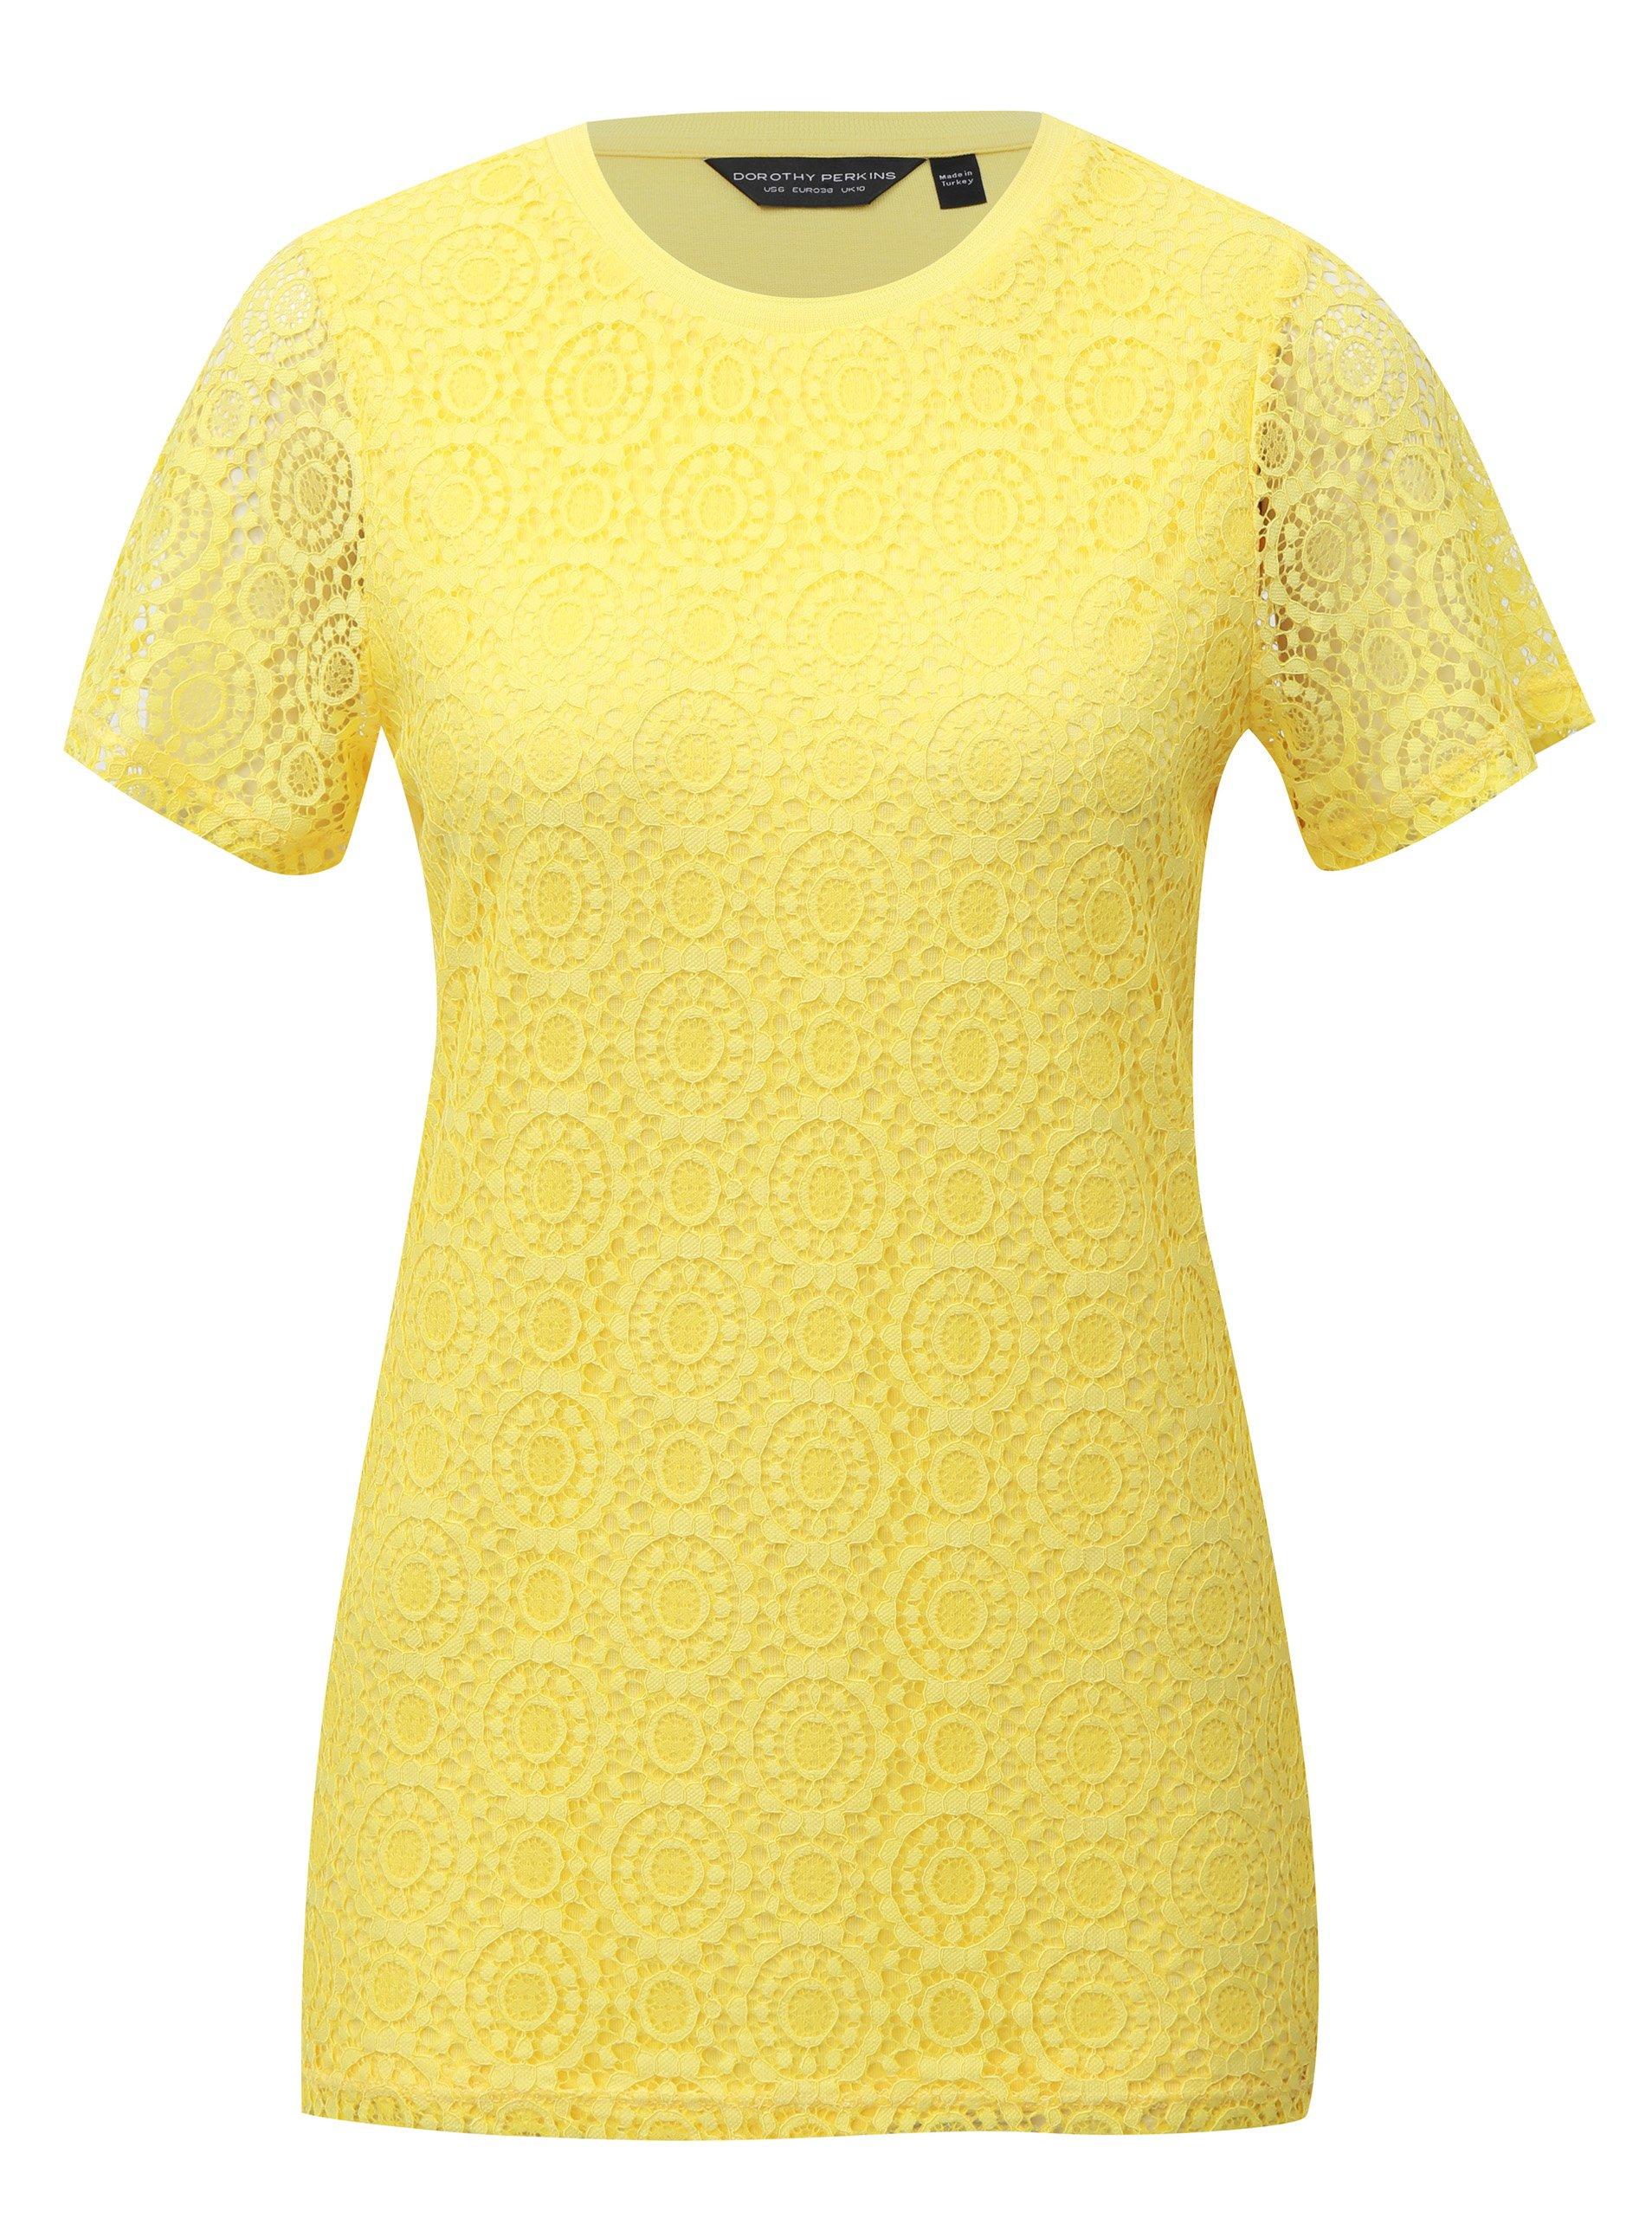 Žlté čipkované tričko s krátkym rukávom Dorothy Perkins 0fa0bbb9cc0